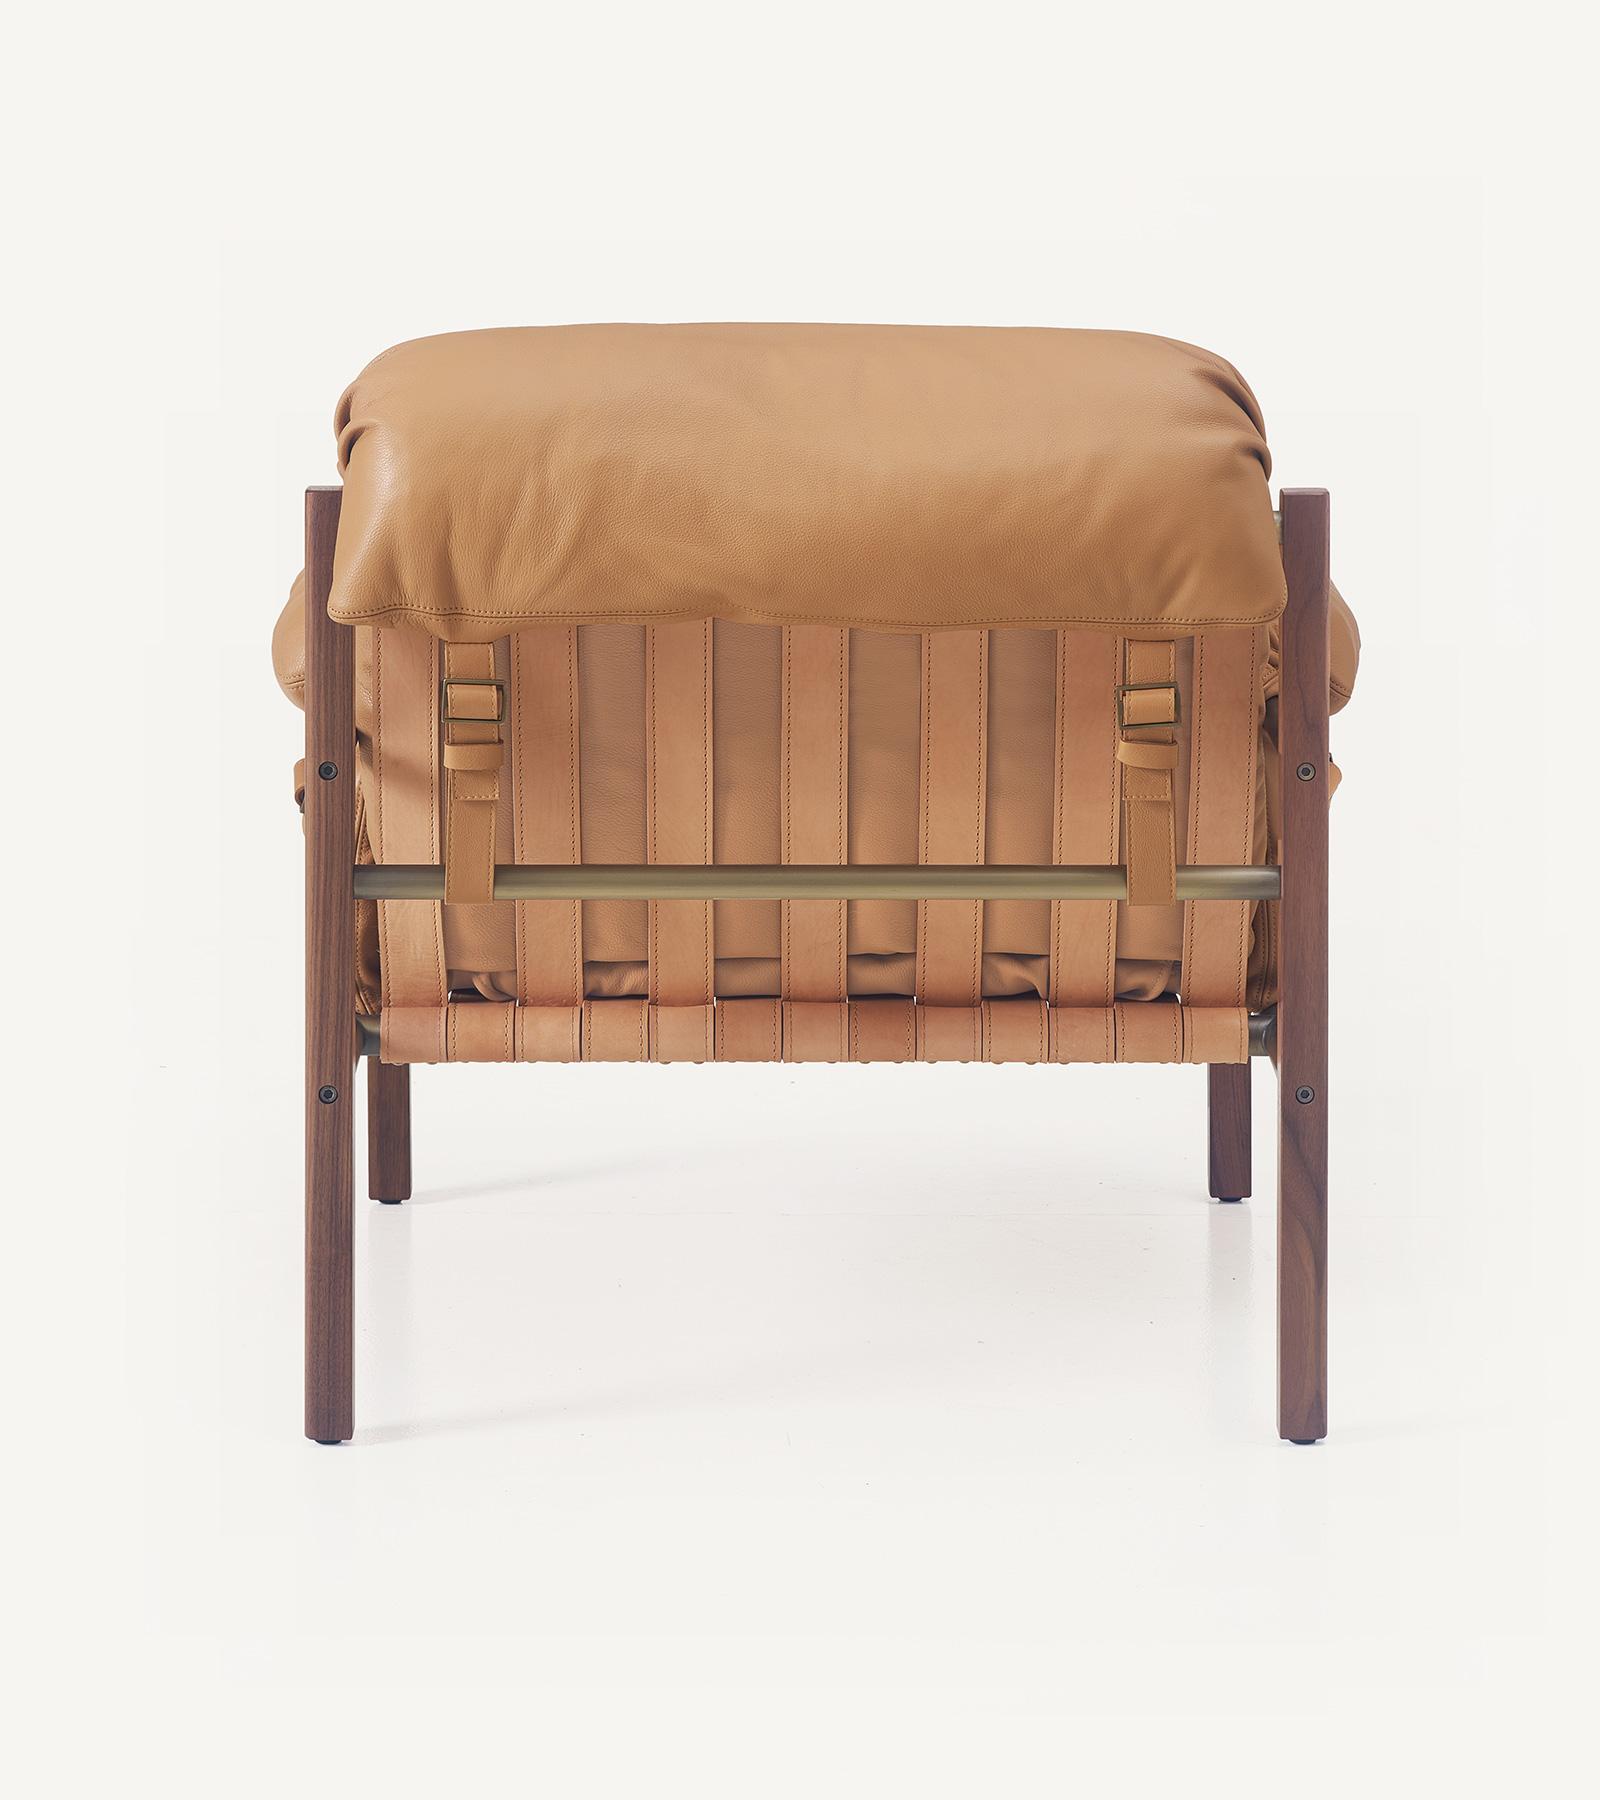 TinnappleMetz-bassamfellows-Sling-Club-Chair-04